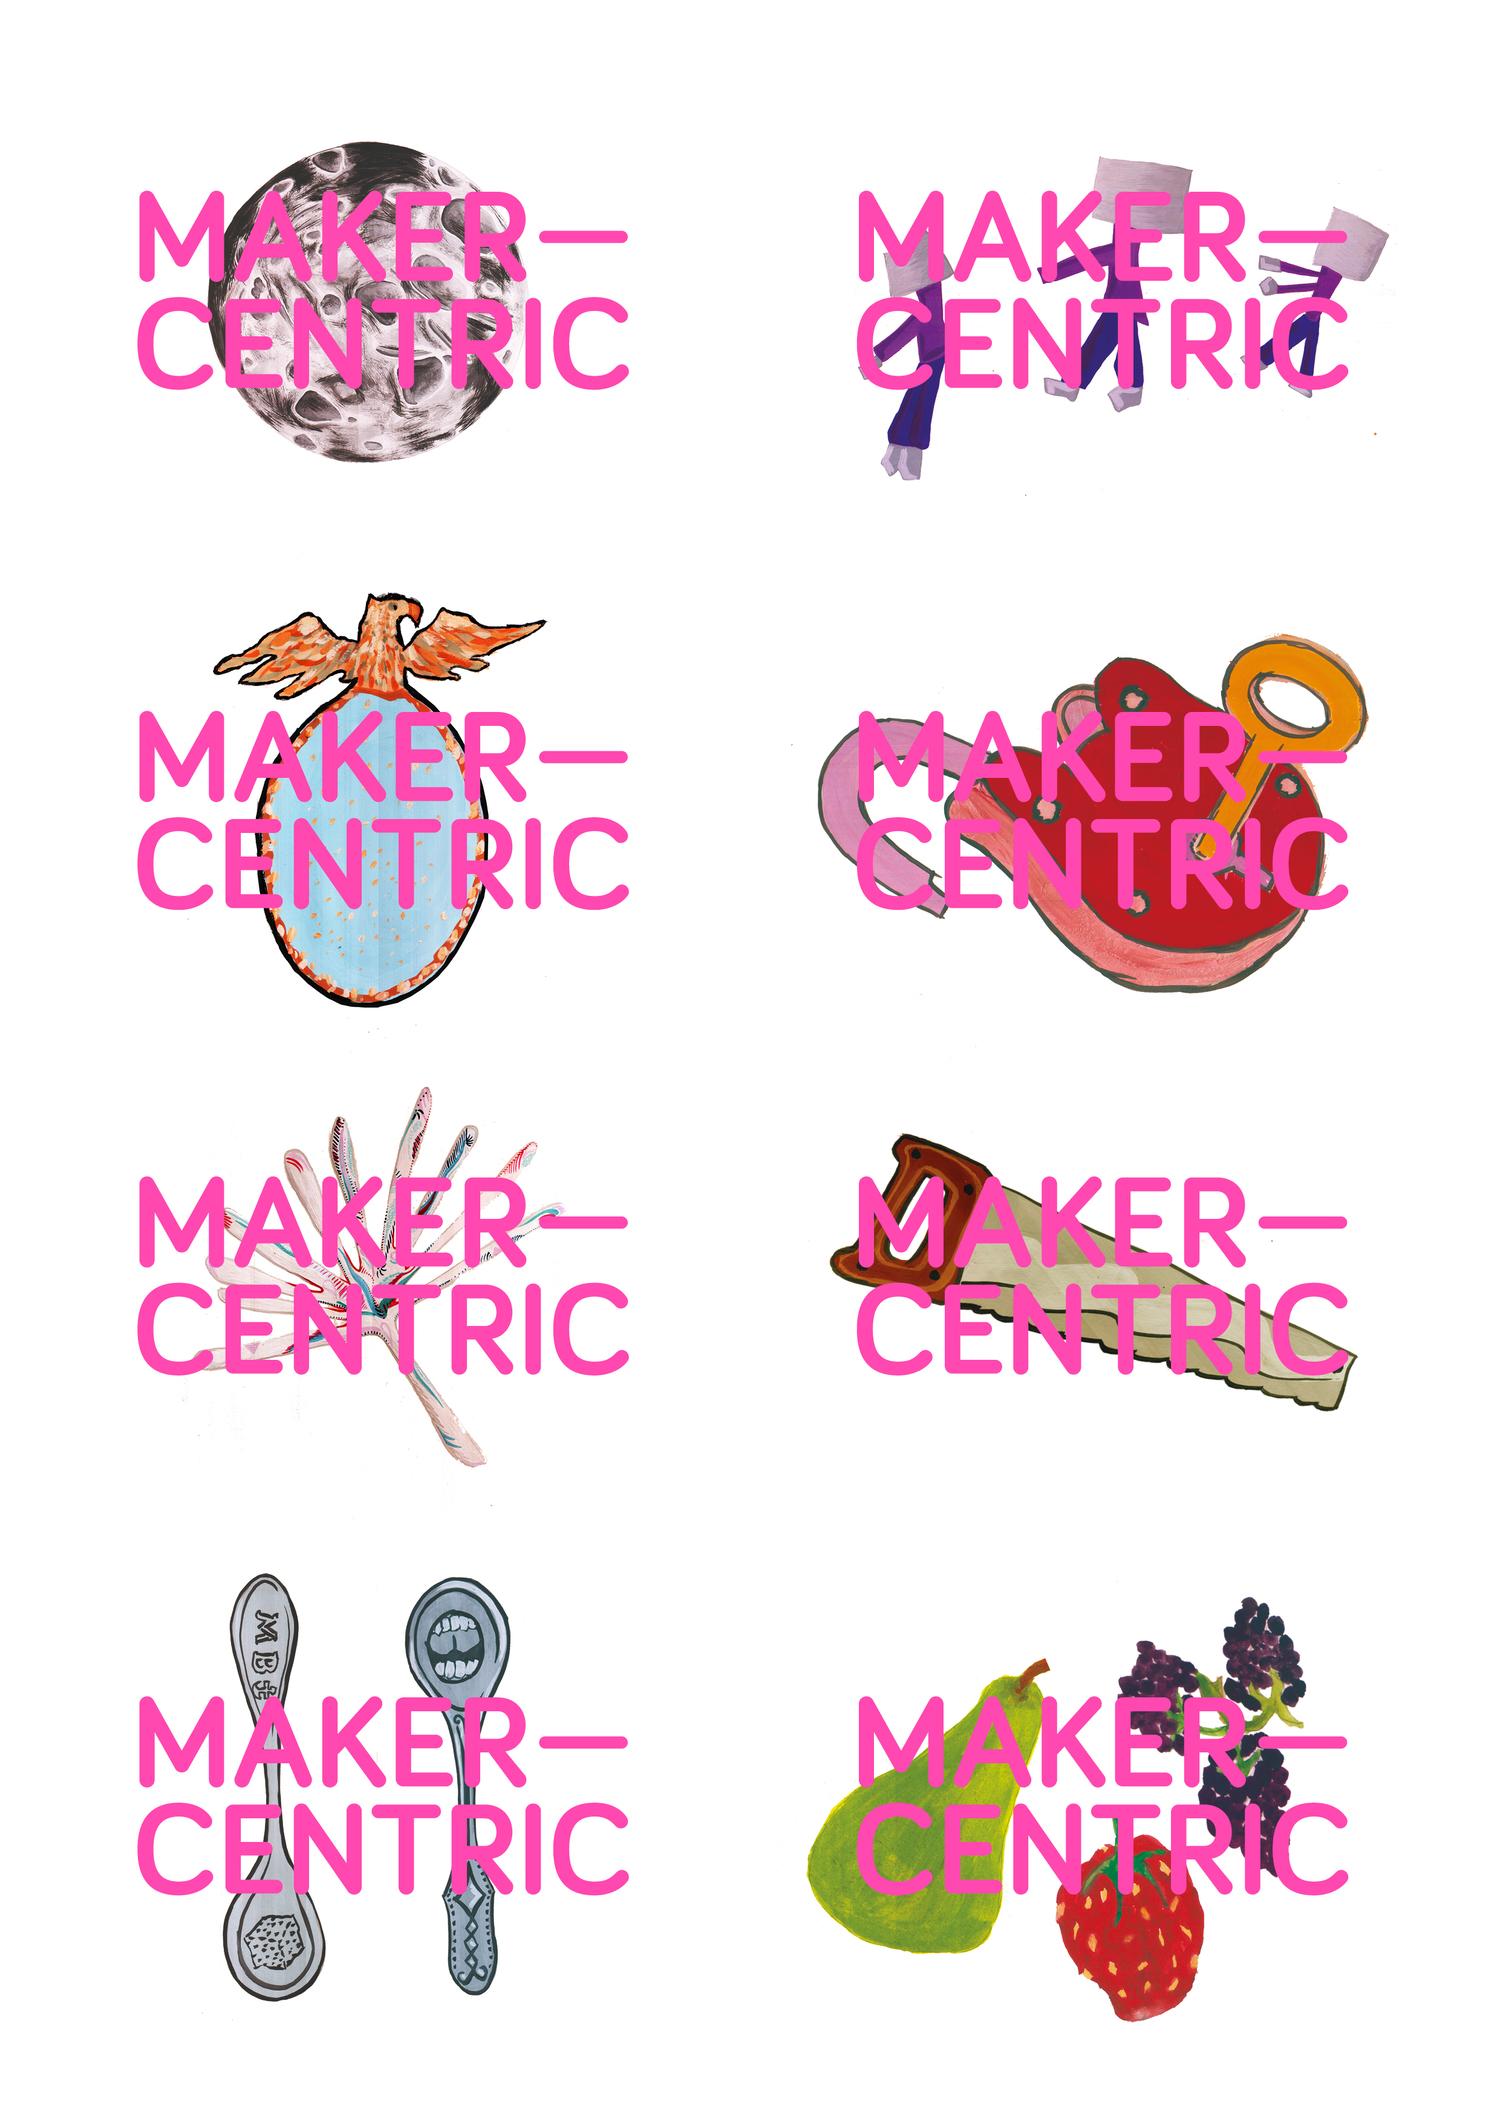 Maker-Centric+logos+A4.jpg